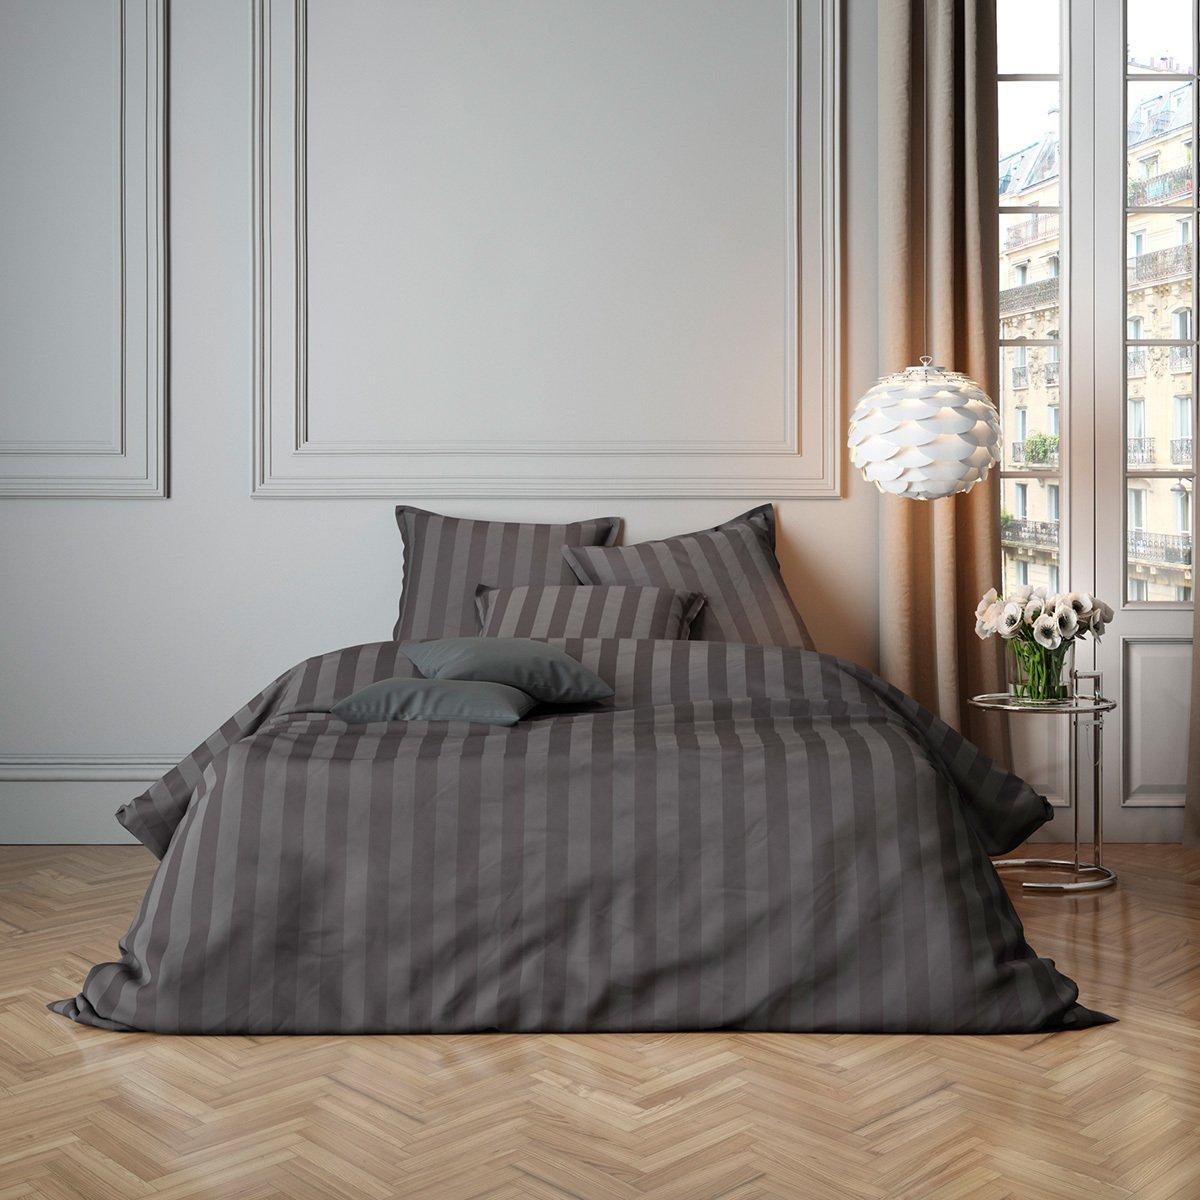 G Bettwarenshop Uni Mako-Satin Streifen Bettwäsche grau Bettbezug einzeln 155x220 cm